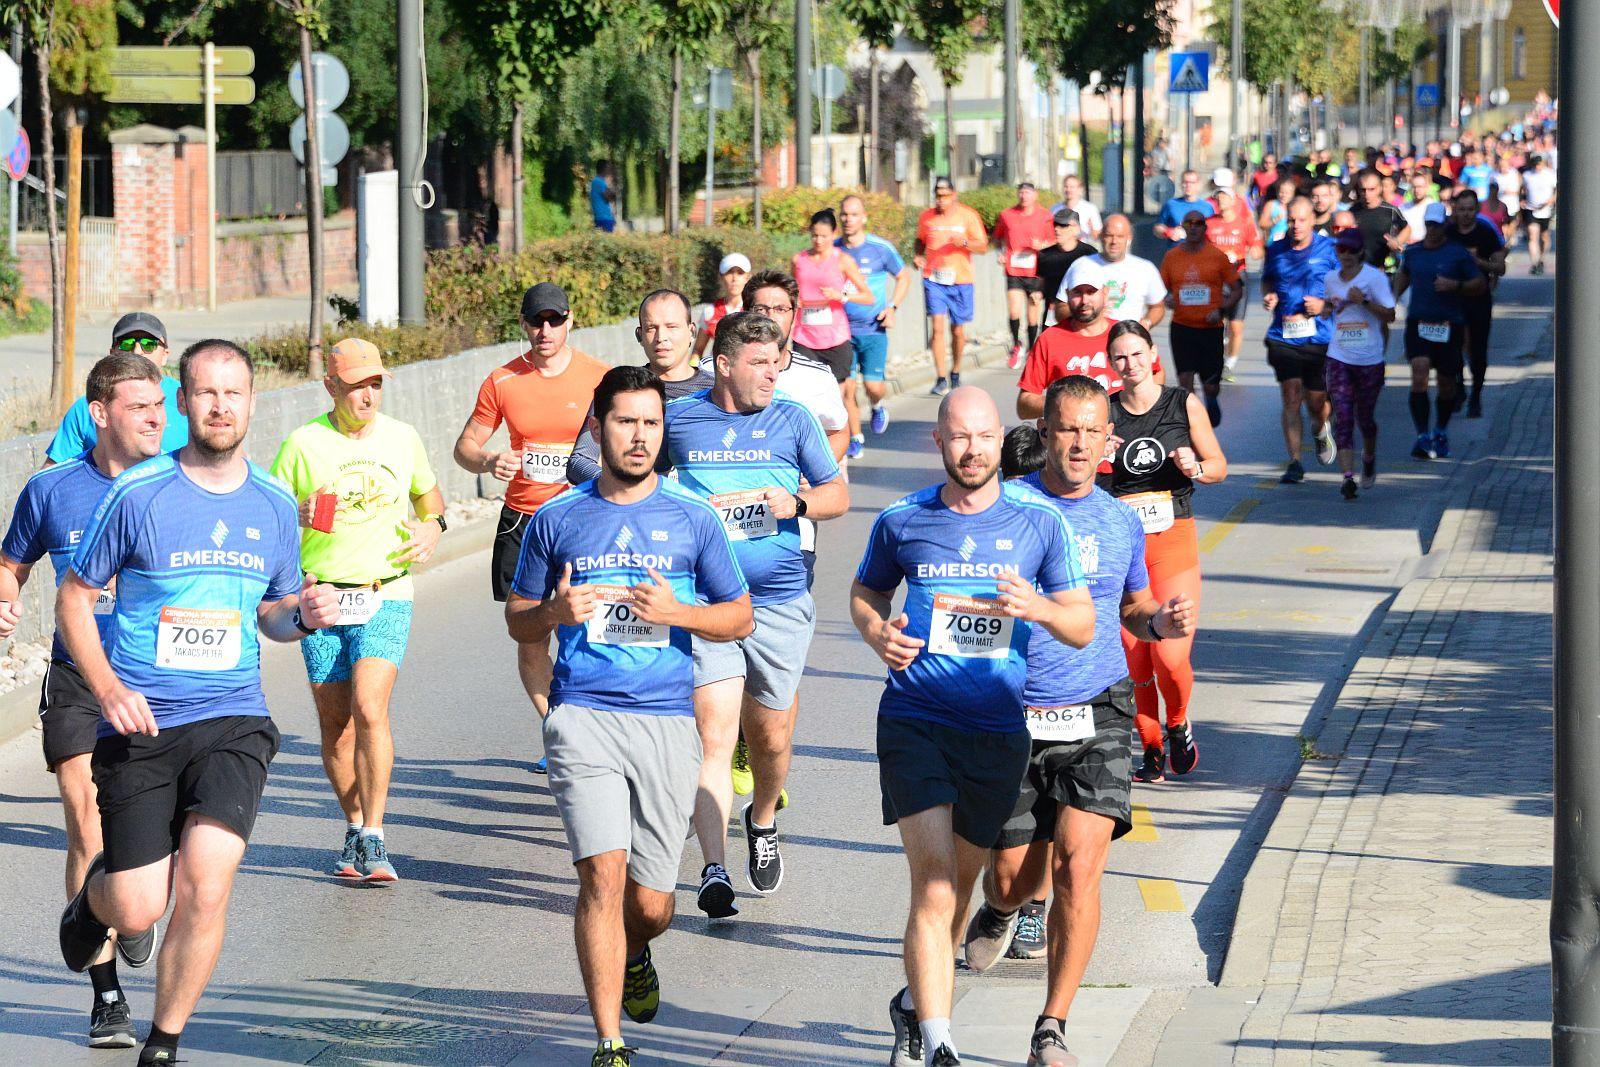 Cerbona Fehérvár Félmaraton 2021 7km